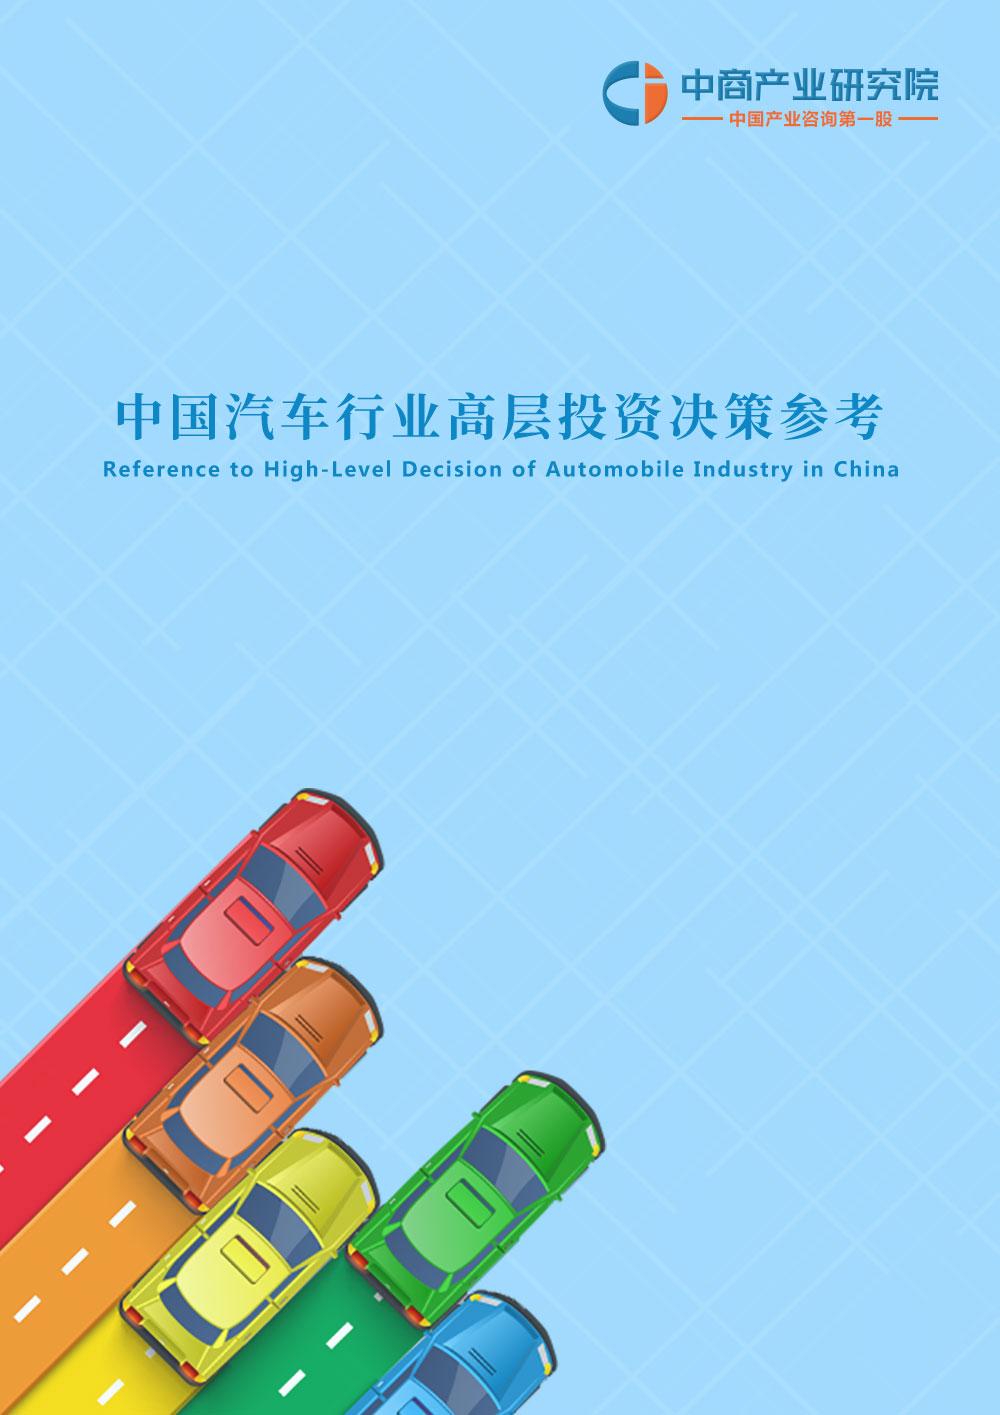 中国汽车行业高层投资决策参考(2019年5月)